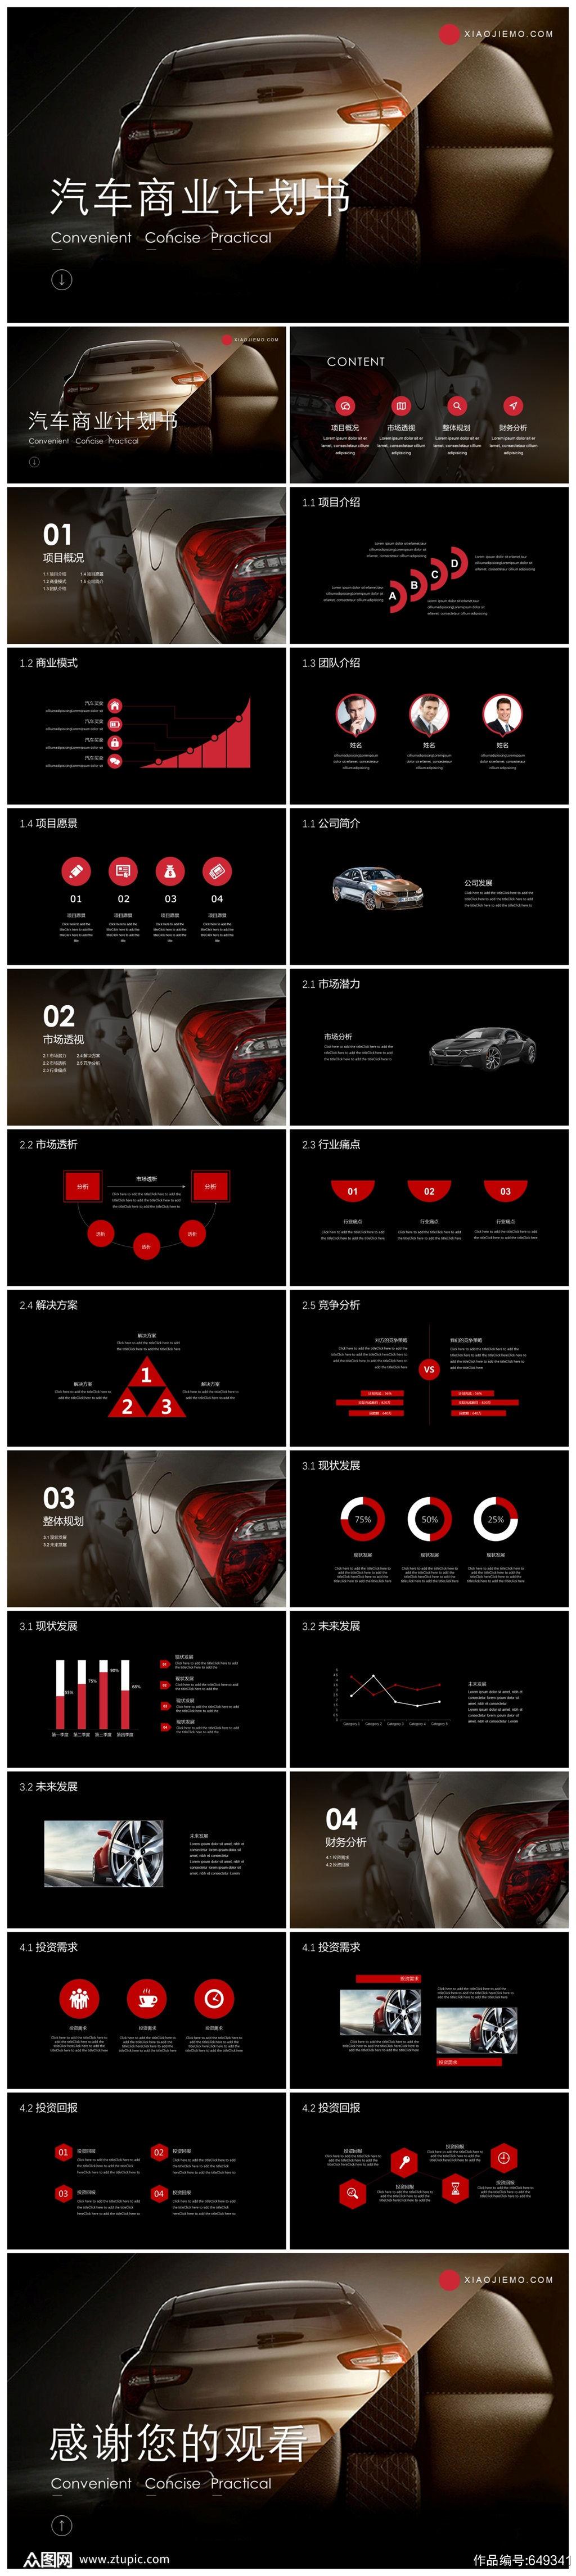 汽车商业计划书PPT模板素材